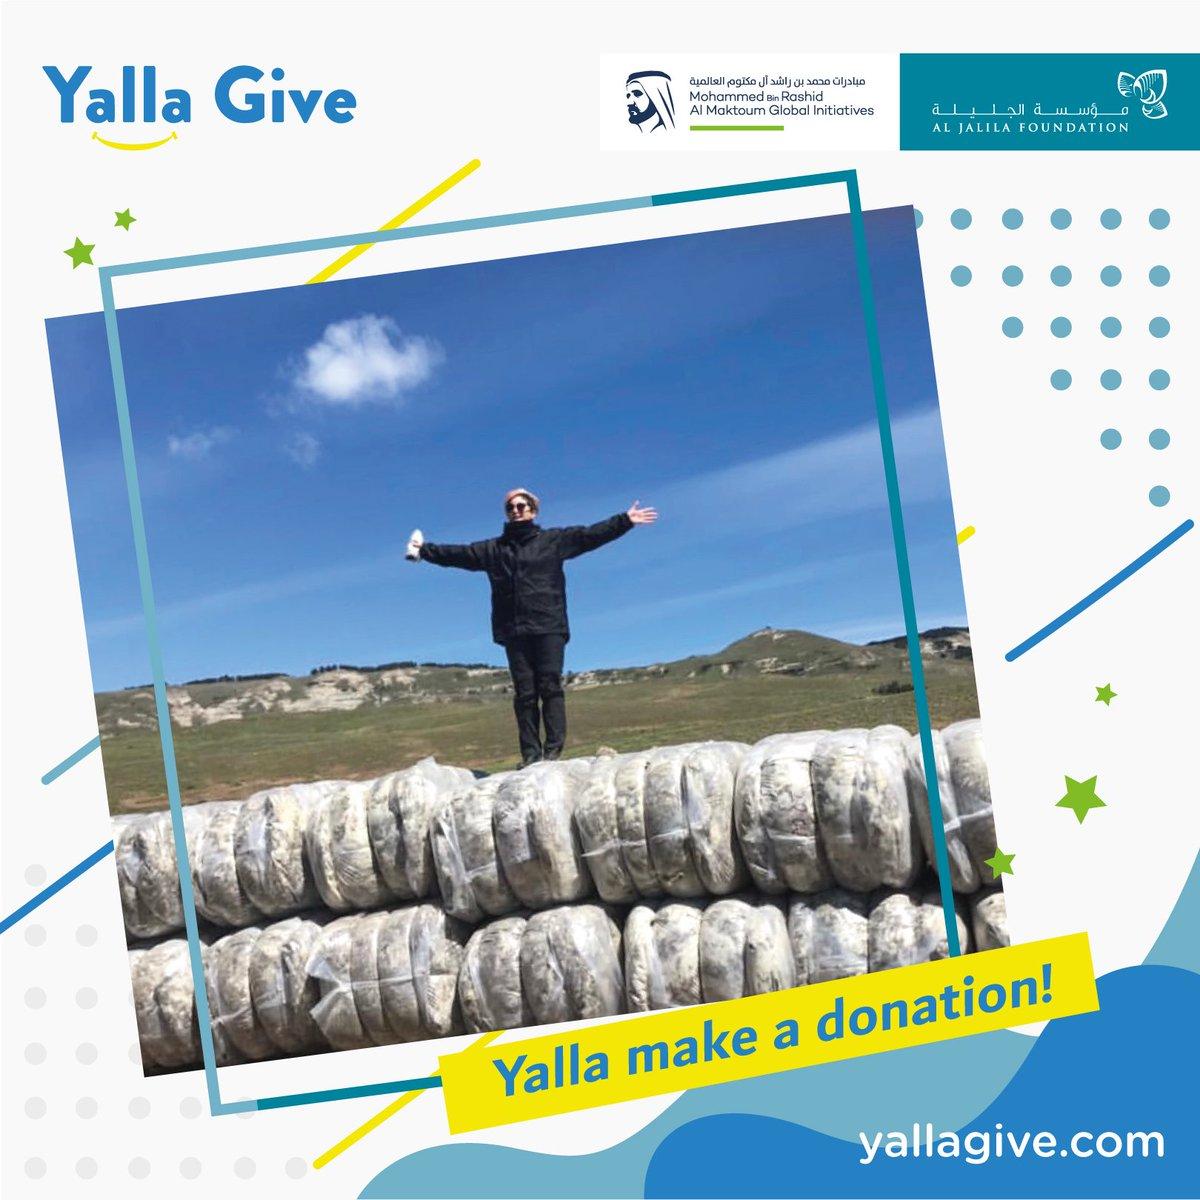 """Al Jalila Foundation a Twitter: """"في ديسمبر 2019 ، تشارك محاربة السرطان  ناتاليا حسيني في سباق 'El Cruce' عبر جبال الأنديز الذي يمتد لمسافة 100  كيلومتر لمدة 3 أيام بين أرتجينا وتشيلي ،"""